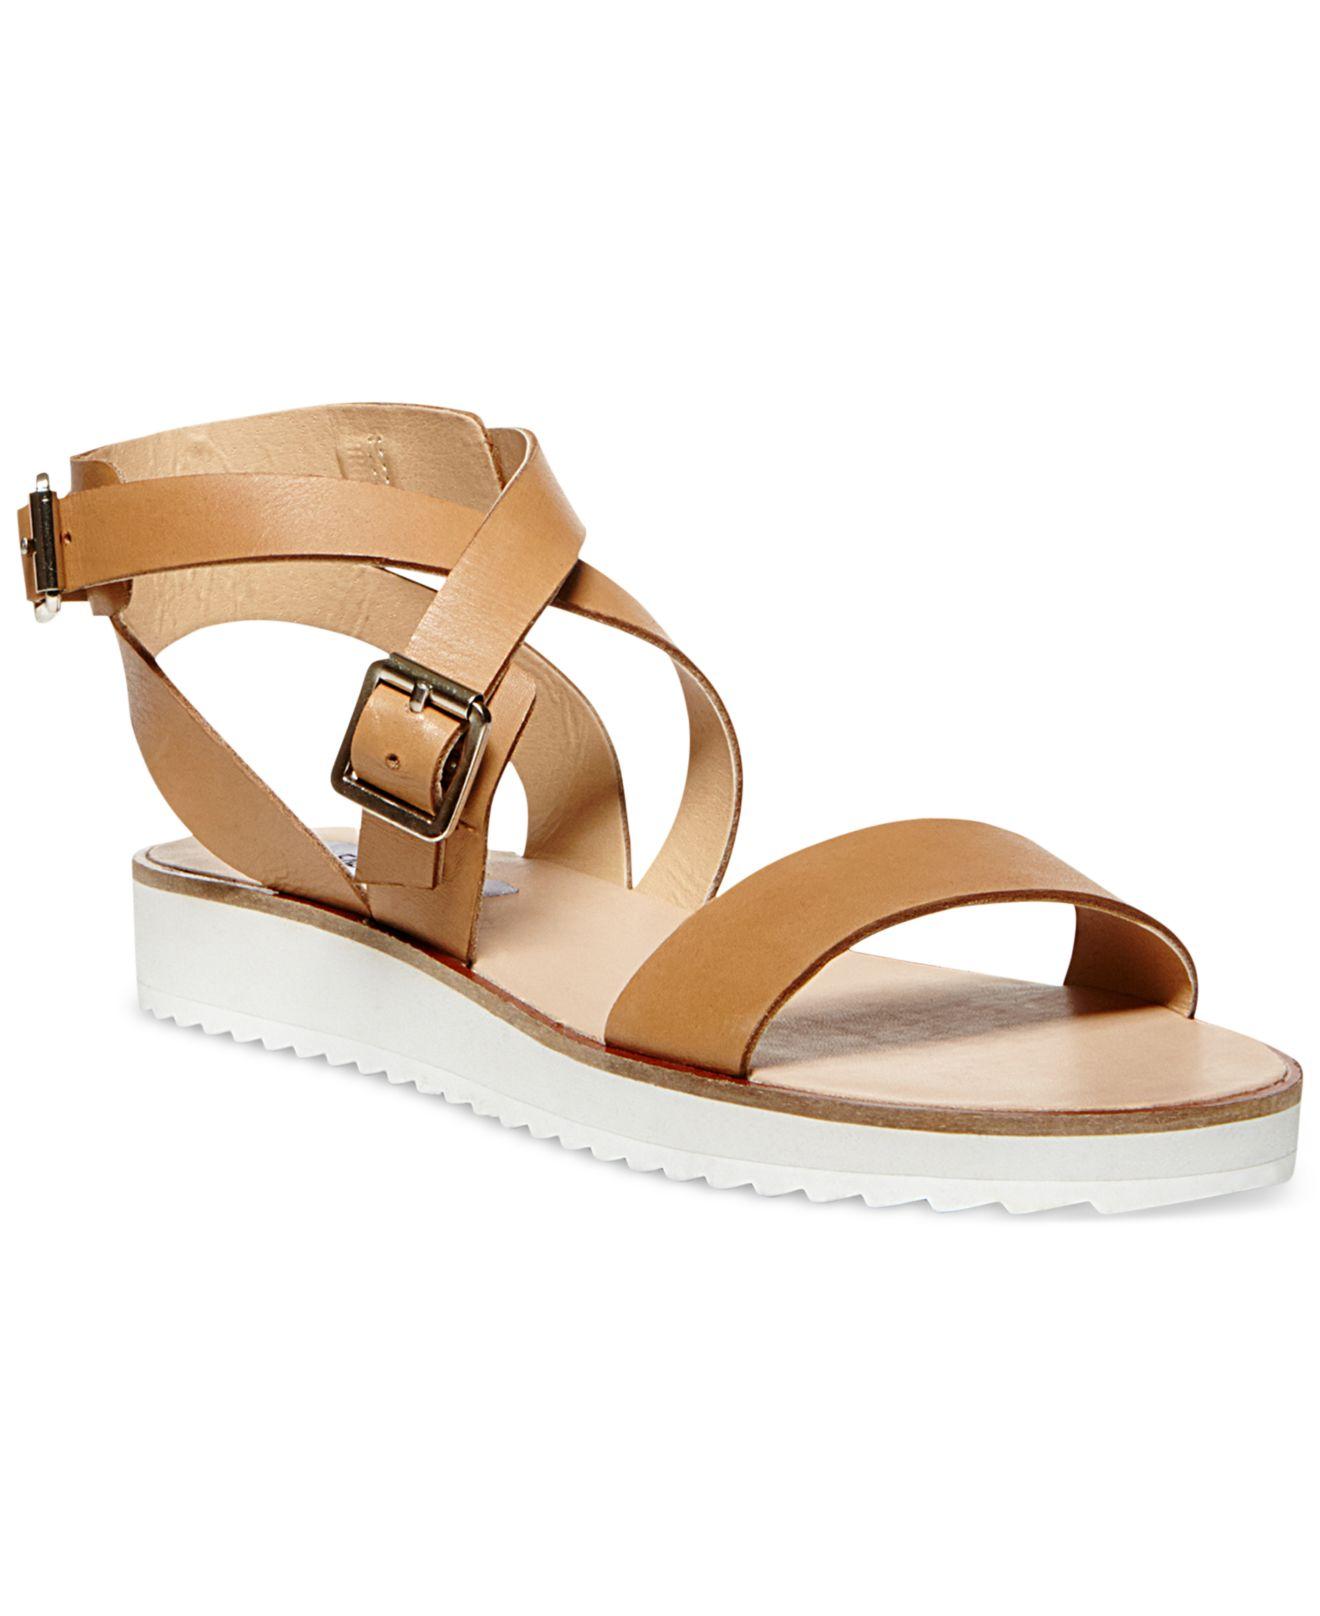 8d35c2d19ed Lyst - Steve Madden Mellow Flatform Sandals in Brown